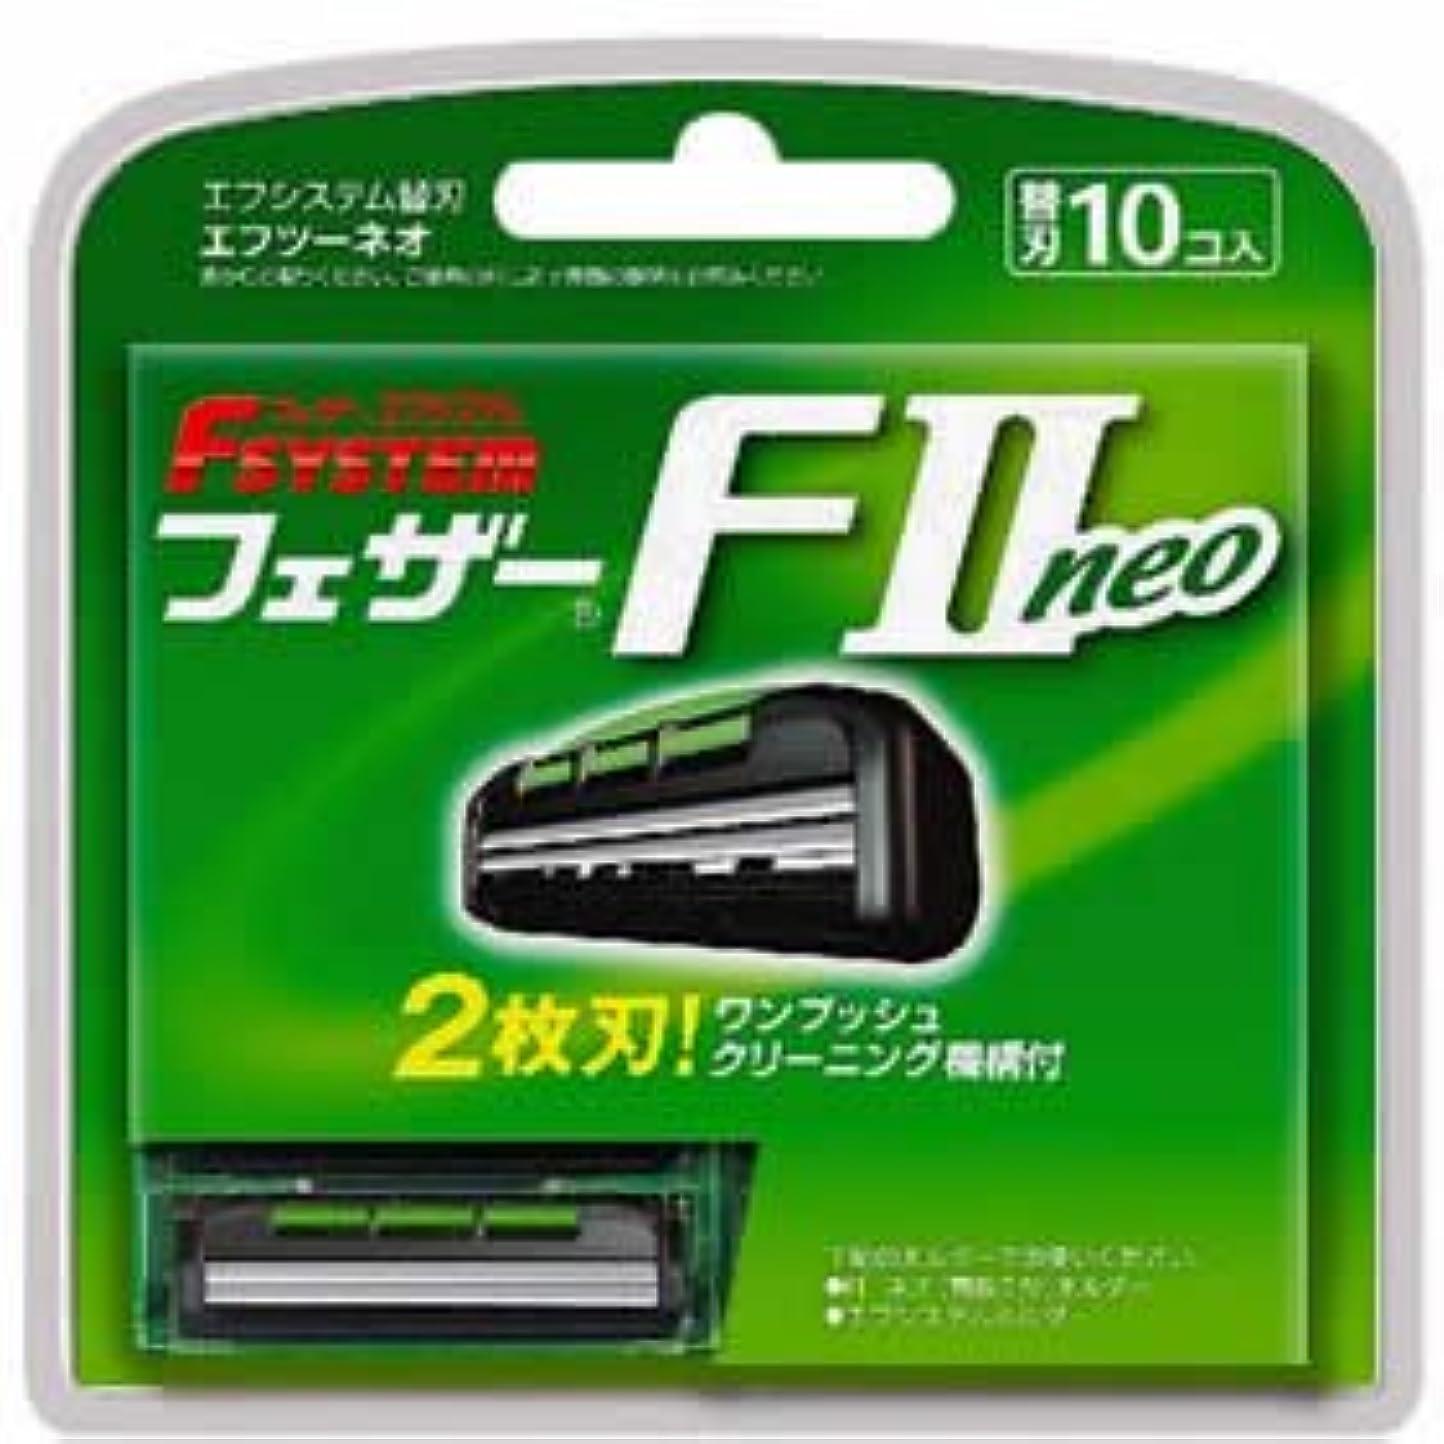 無心閉塞本質的にフェザー エフシステム F2ネオ 替刃 10個